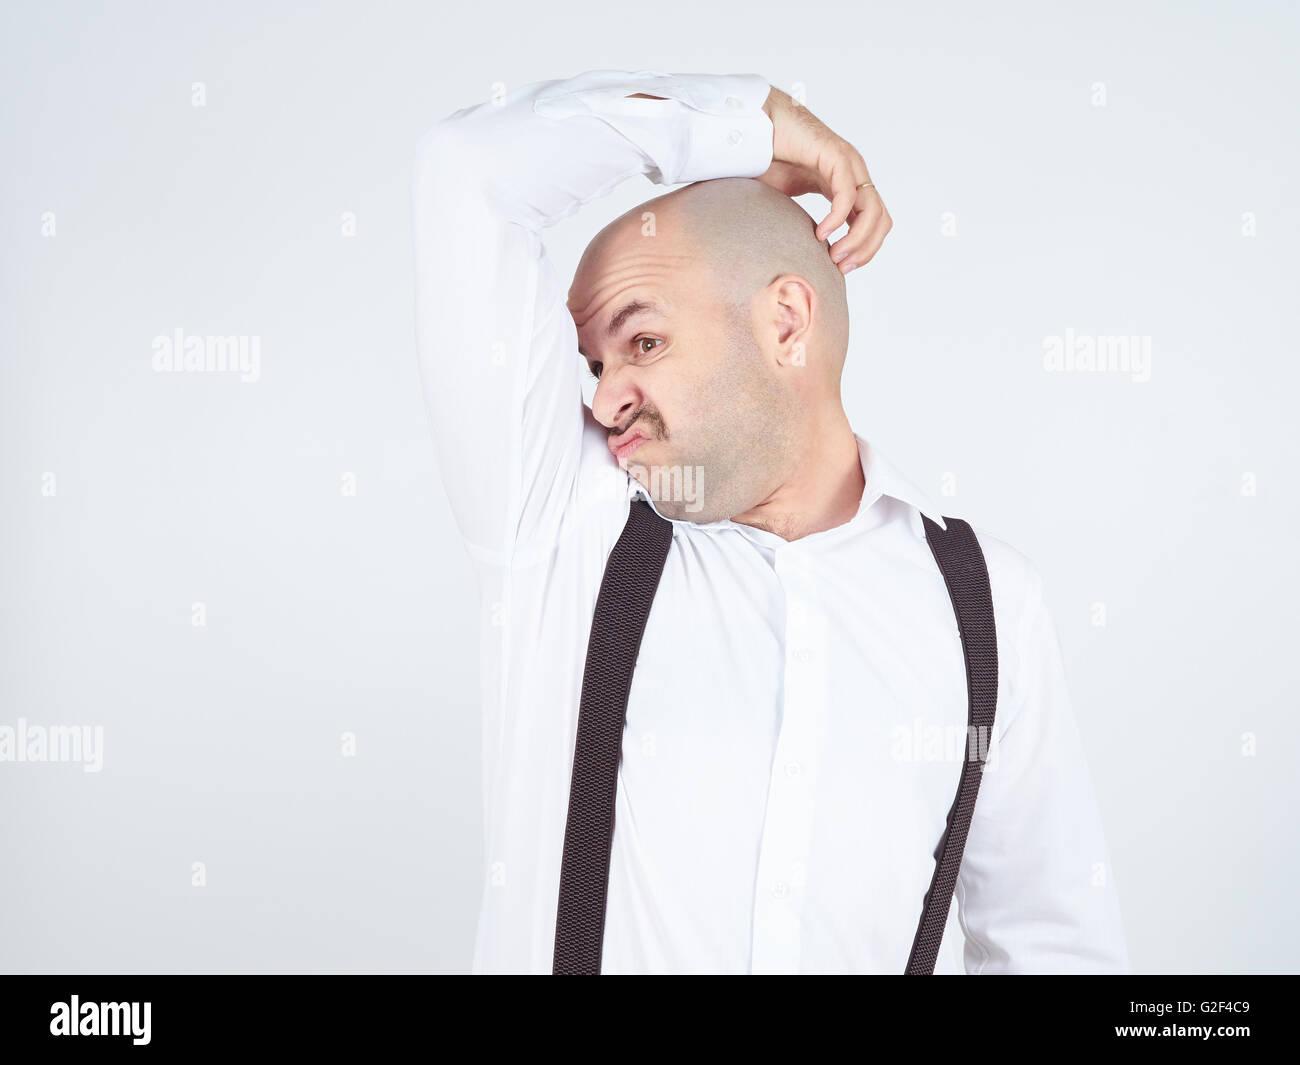 Hombre Calvo, oliendo olfateando su axila, algo huele mal, olor fétido aislado en el fondo. Imagen De Stock